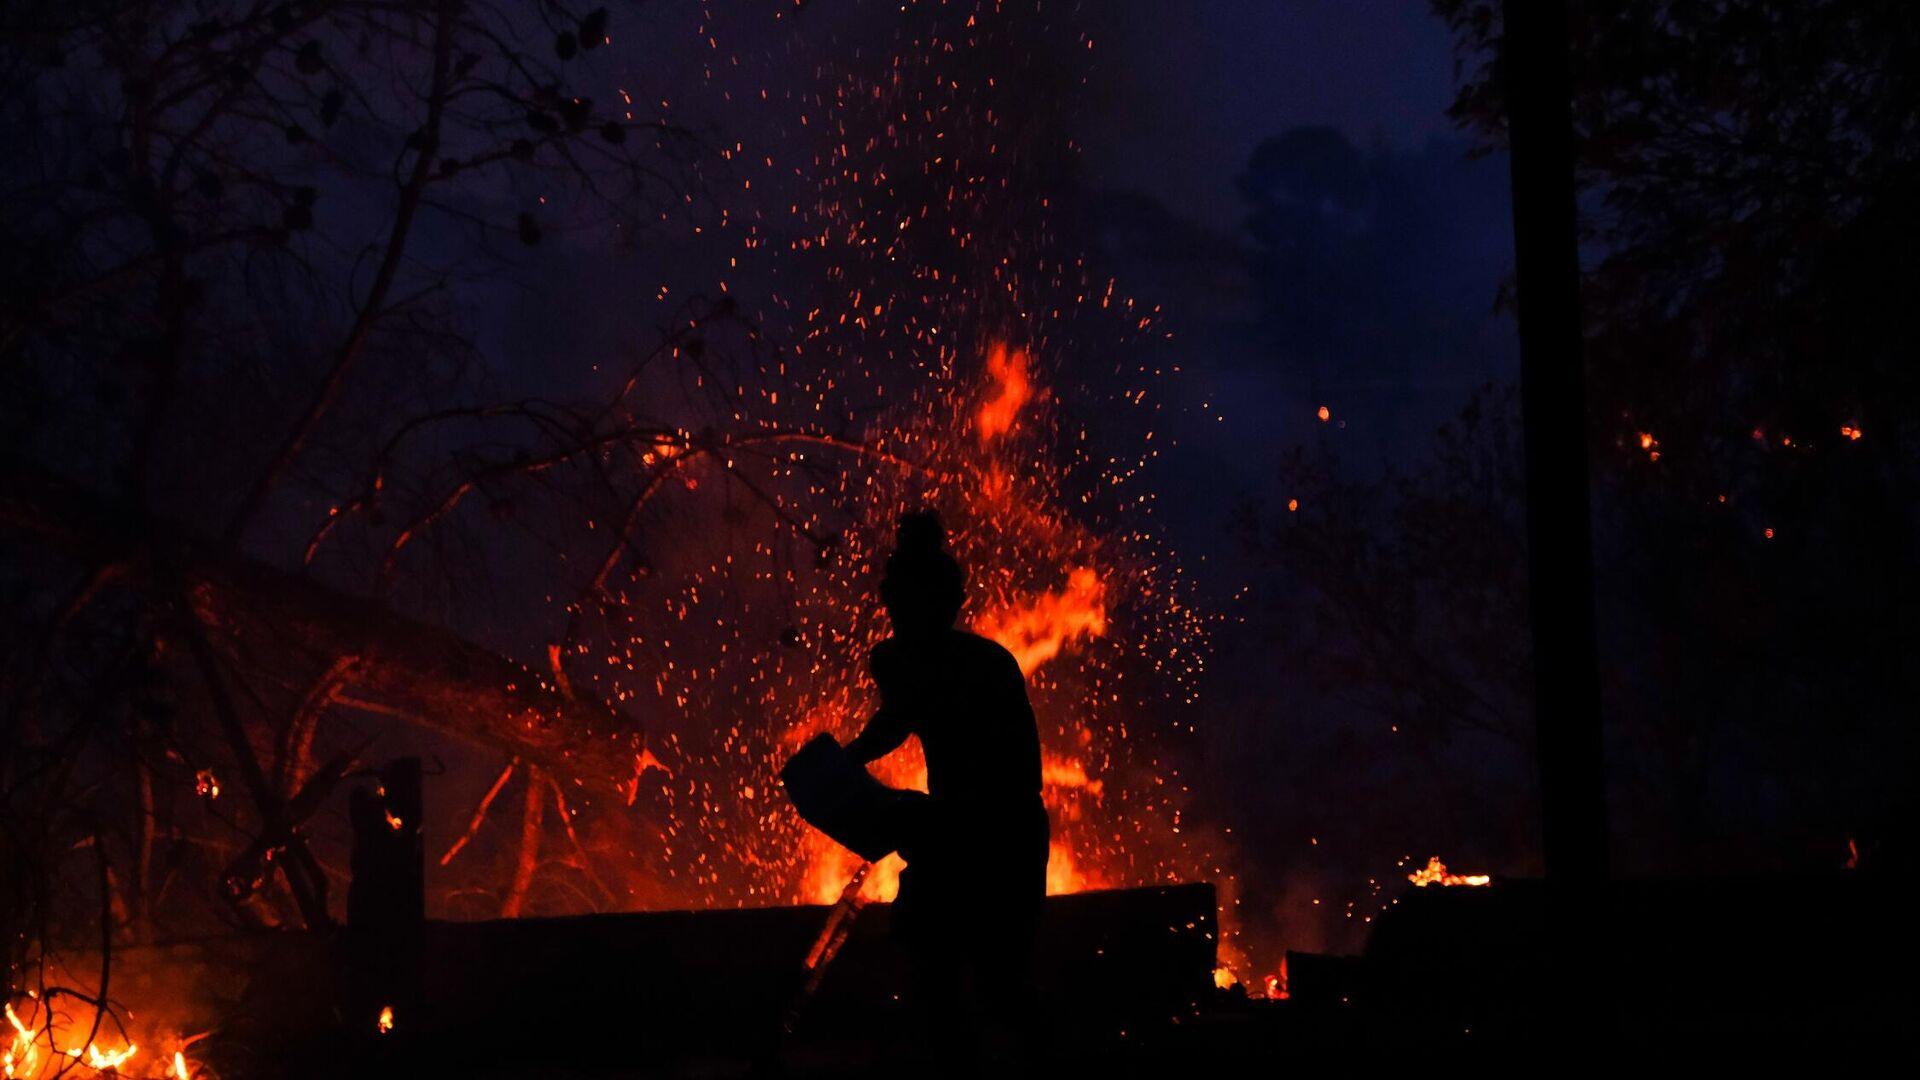 Στη μάχη με τις φλόγες και οι κάτοικοι στην Βαρυμπόμπη - Sputnik Ελλάδα, 1920, 04.08.2021